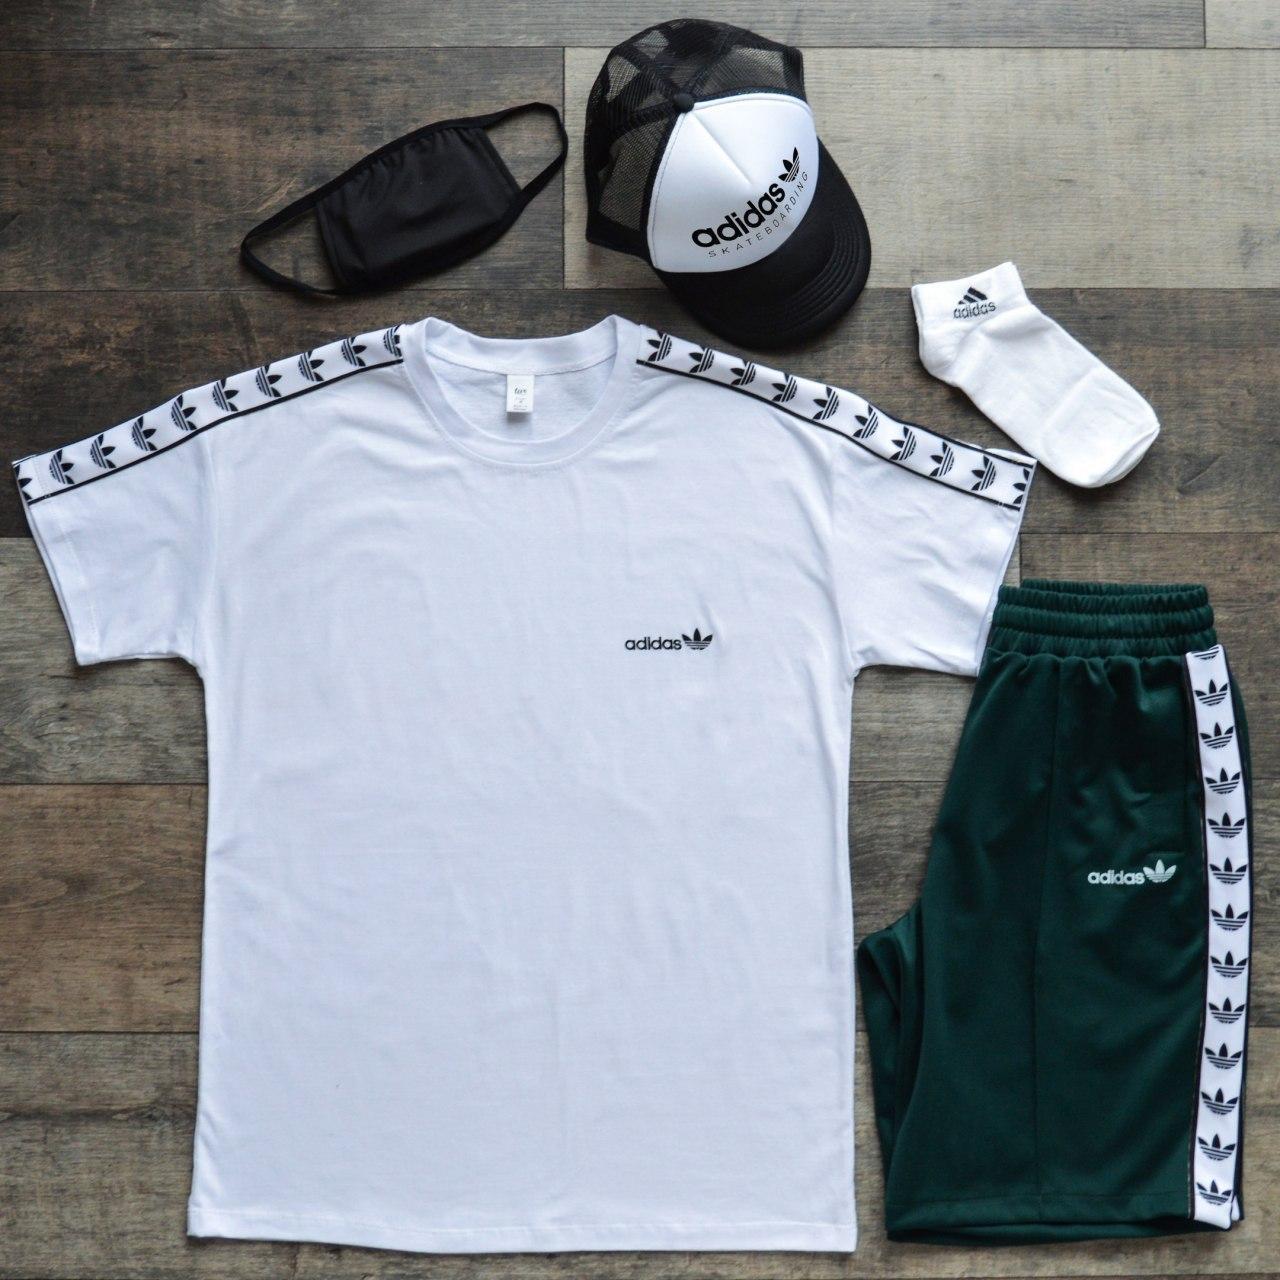 Летний комплект Адидас белая футболка мужская + зелёные шорты + носки + маска для лица + тракер  S, M, L, XL